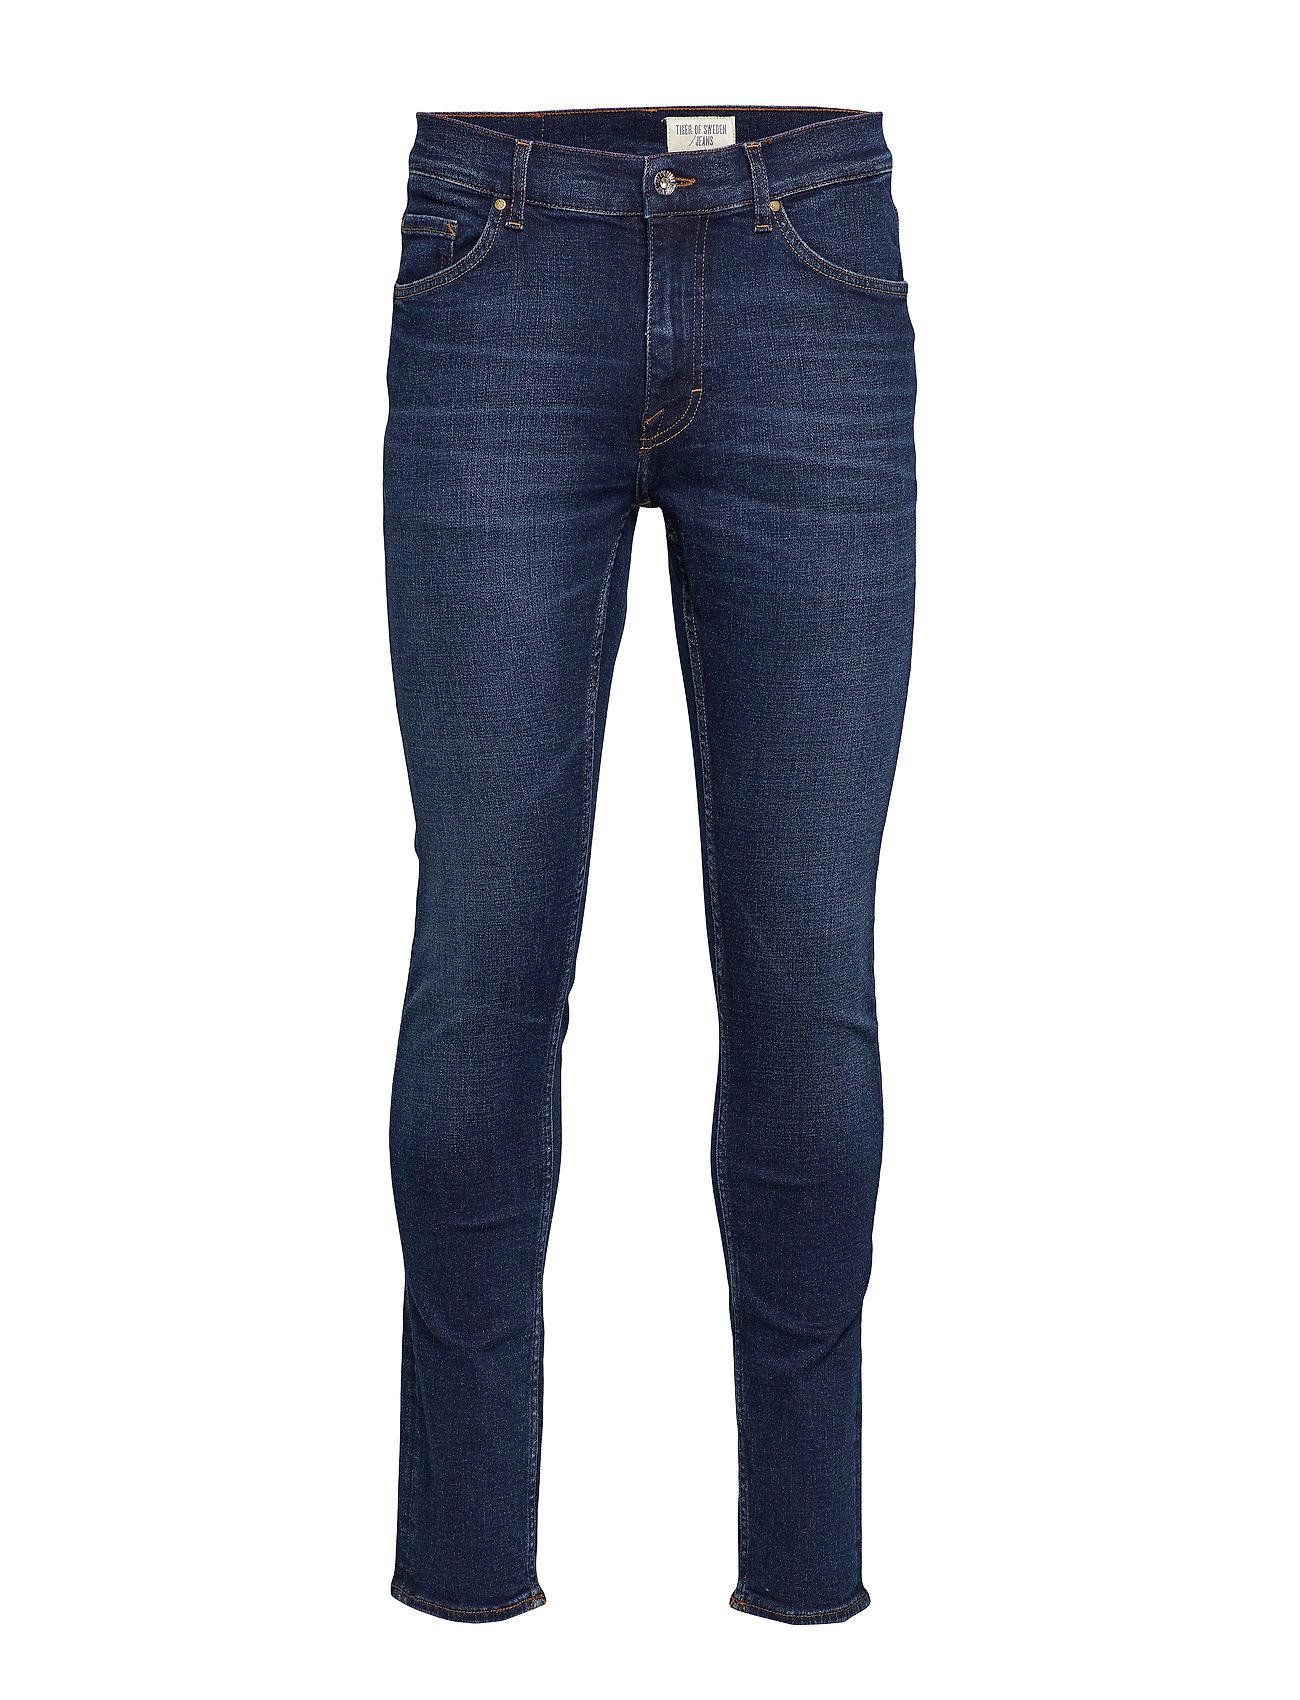 Tiger of Sweden Jeans EVOLVE - ROYAL BLUE